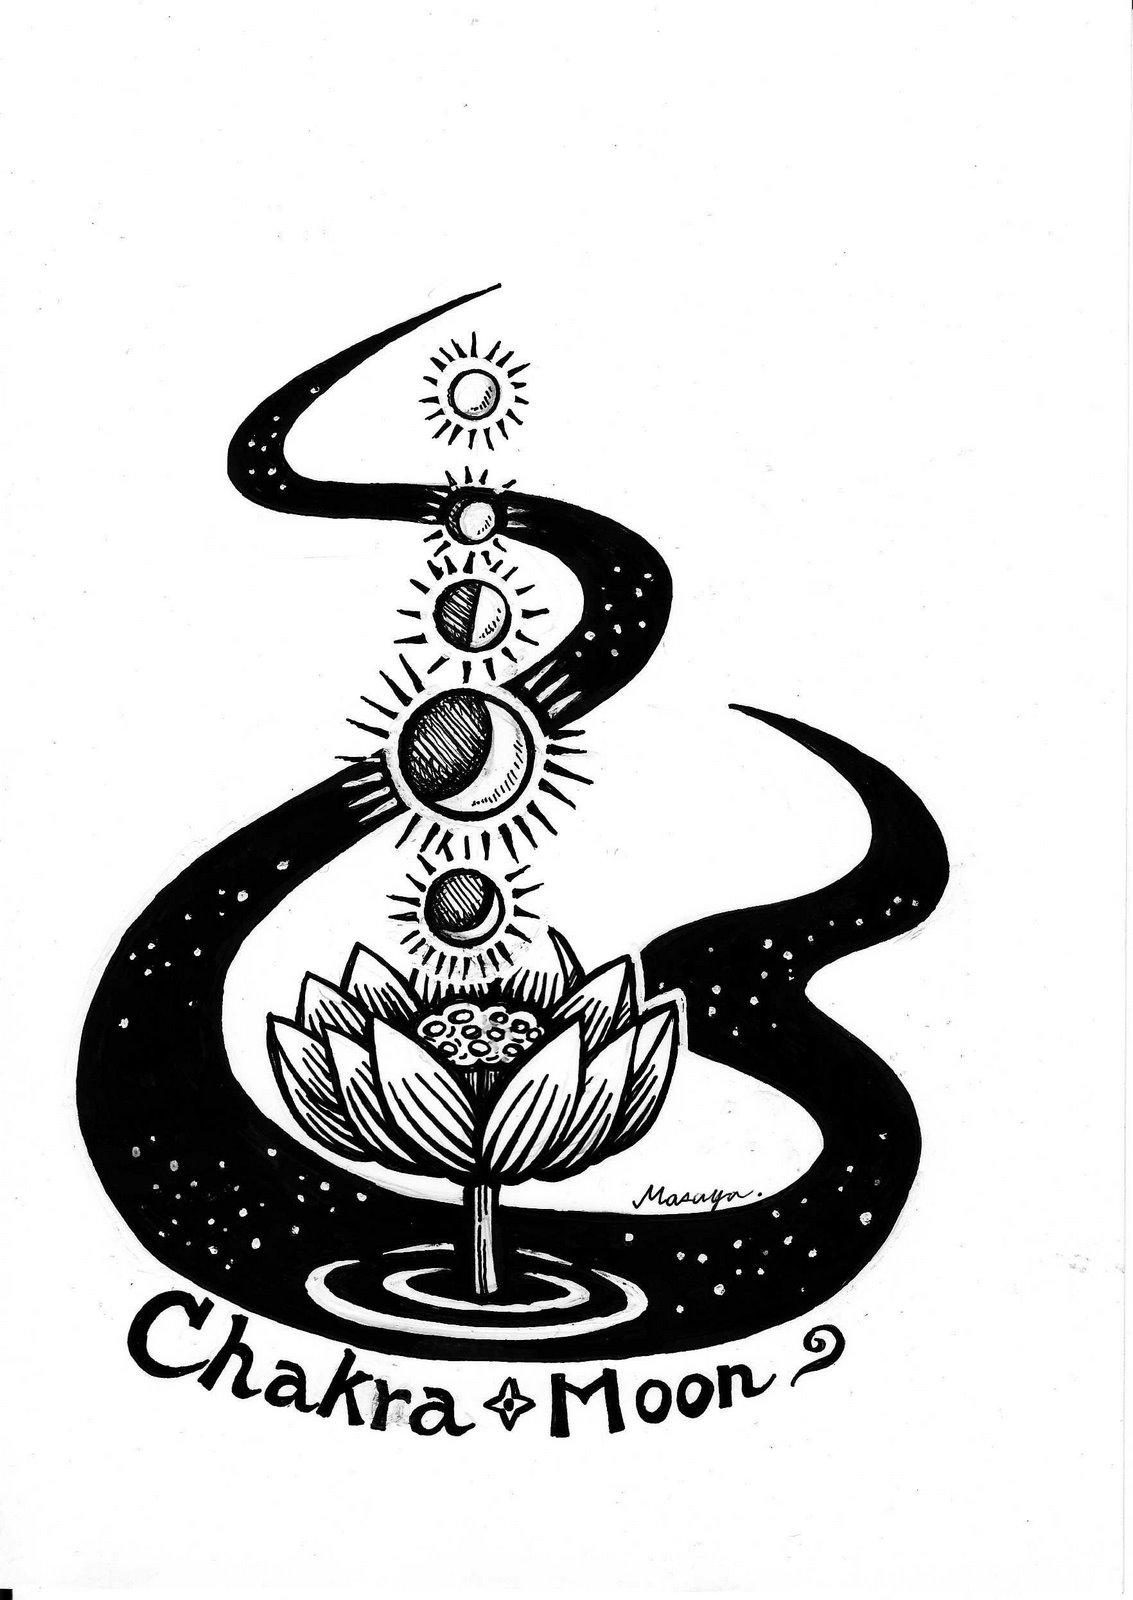 Chakra-moonのシンボルマーク